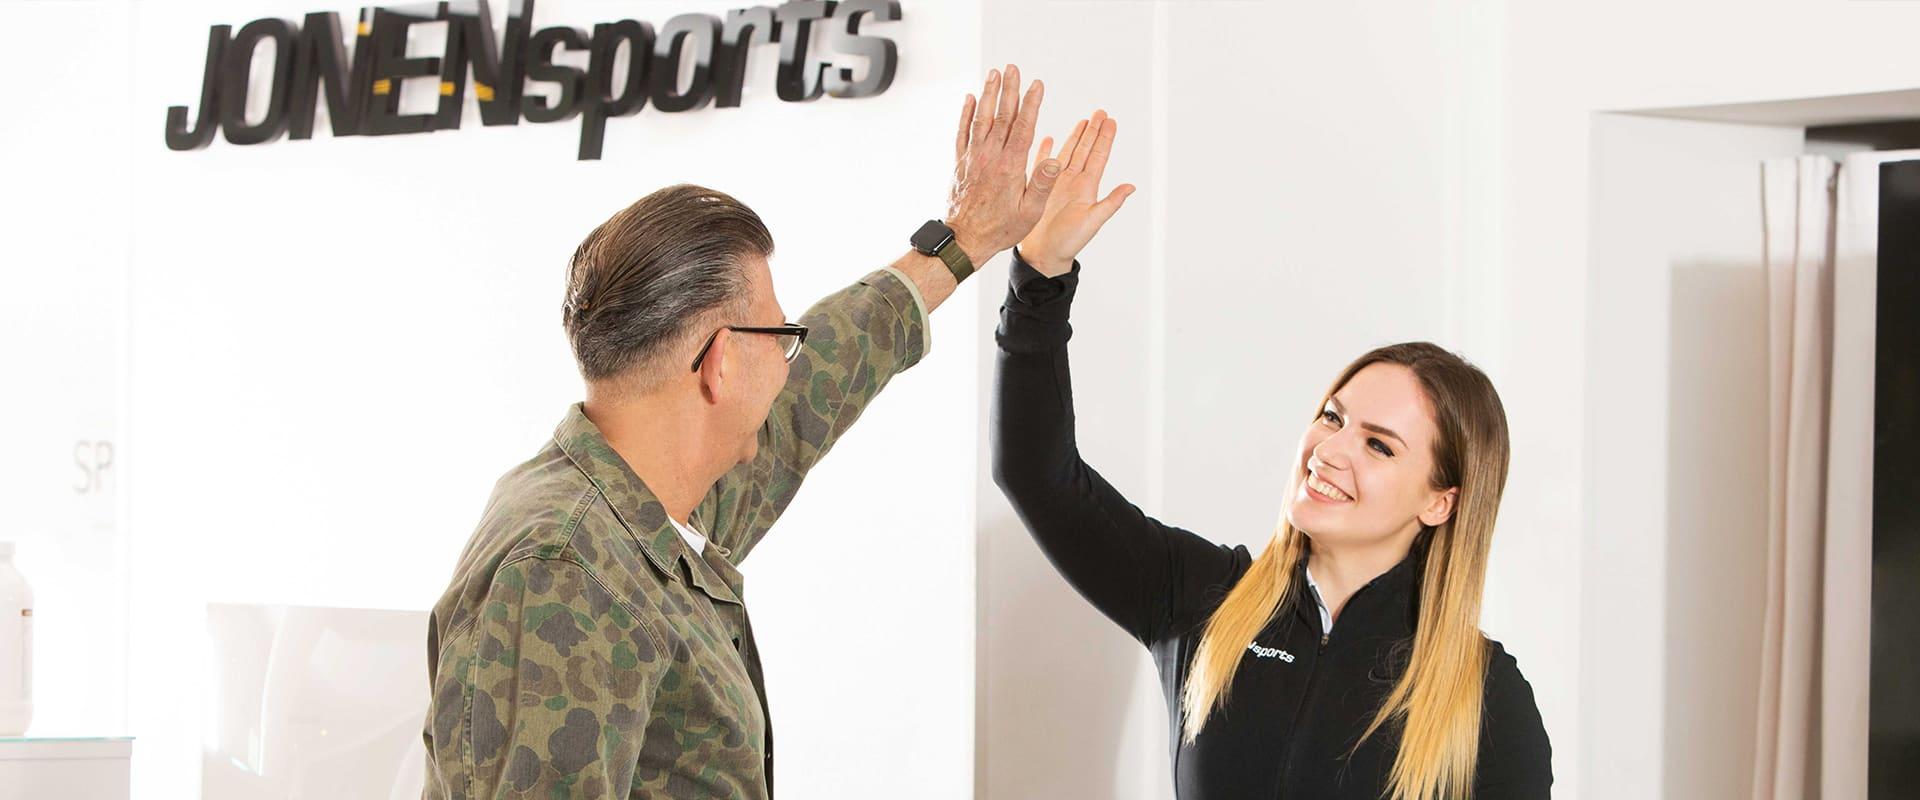 trainerin von jonensports gibt einem kunden high five